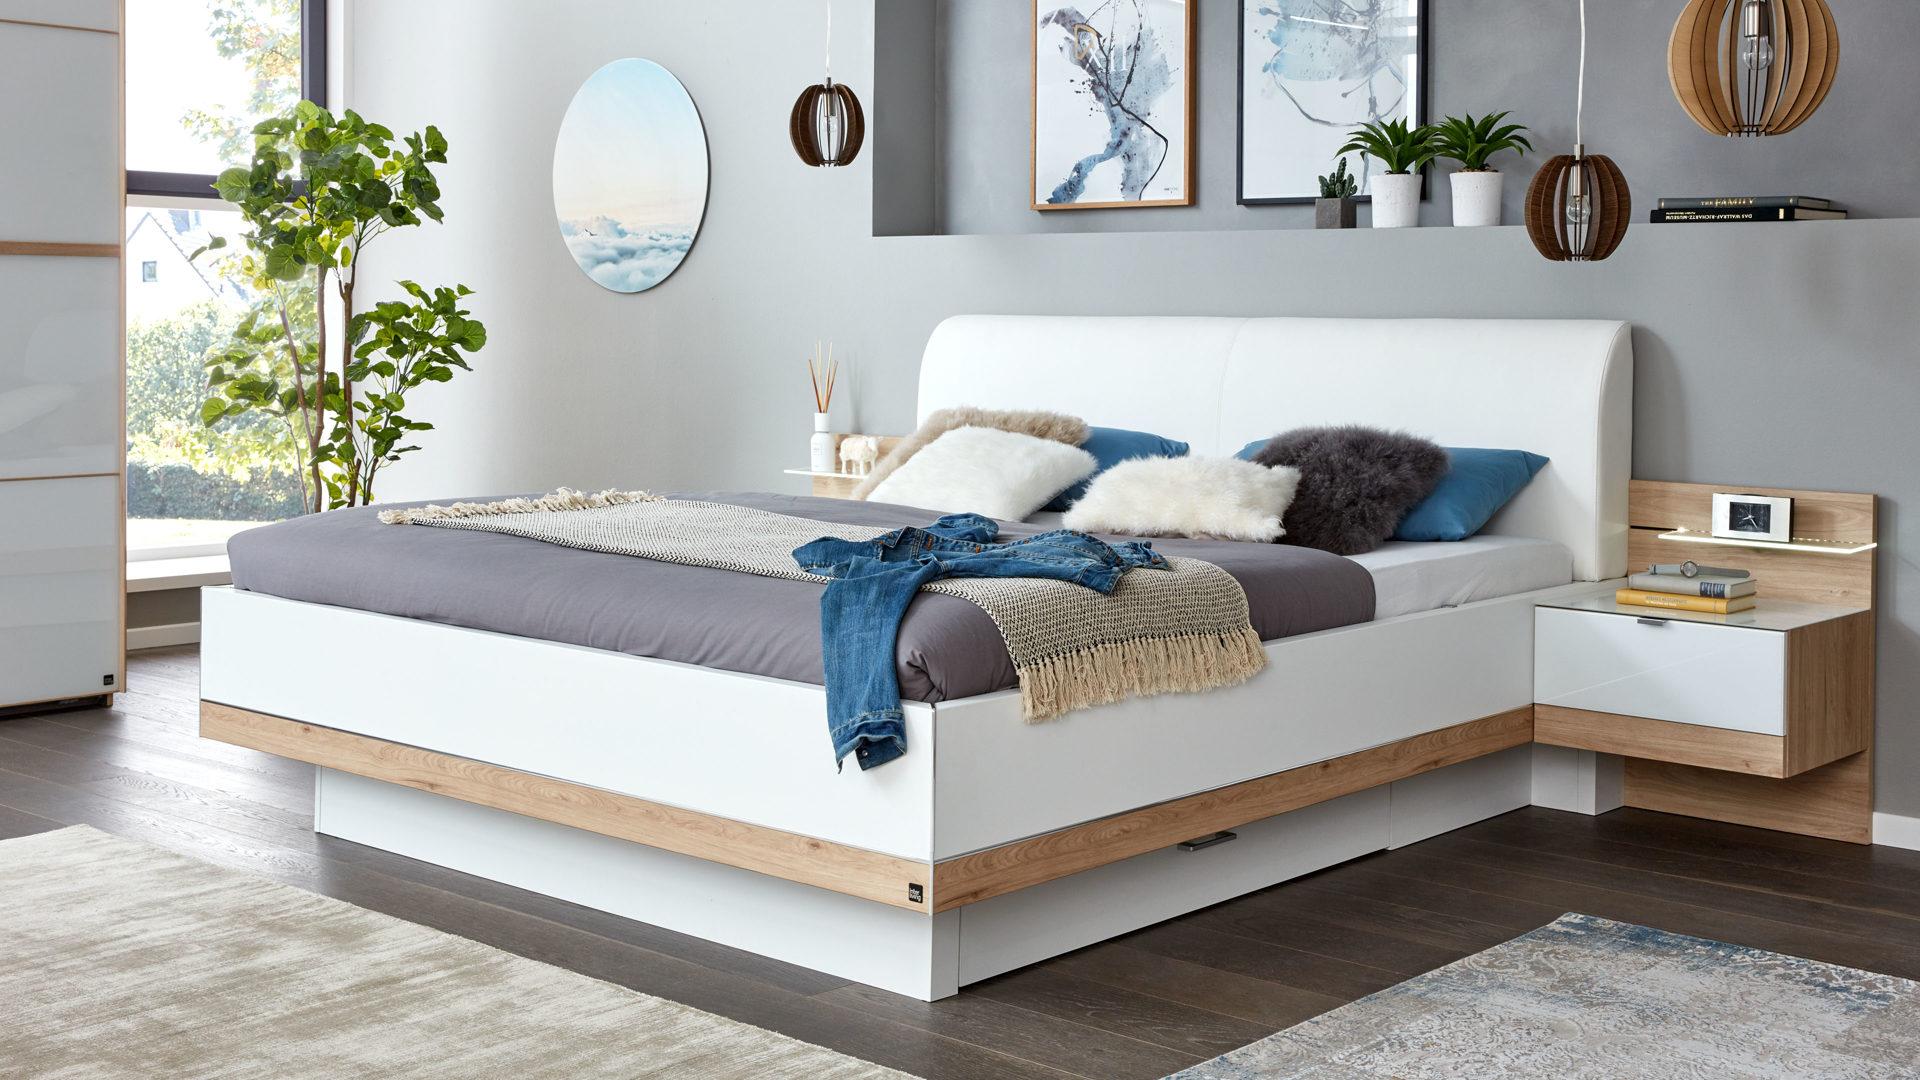 Interliving Schlafzimmer Serie 1010 – Doppelbettgestell mit Nachtkonsolen